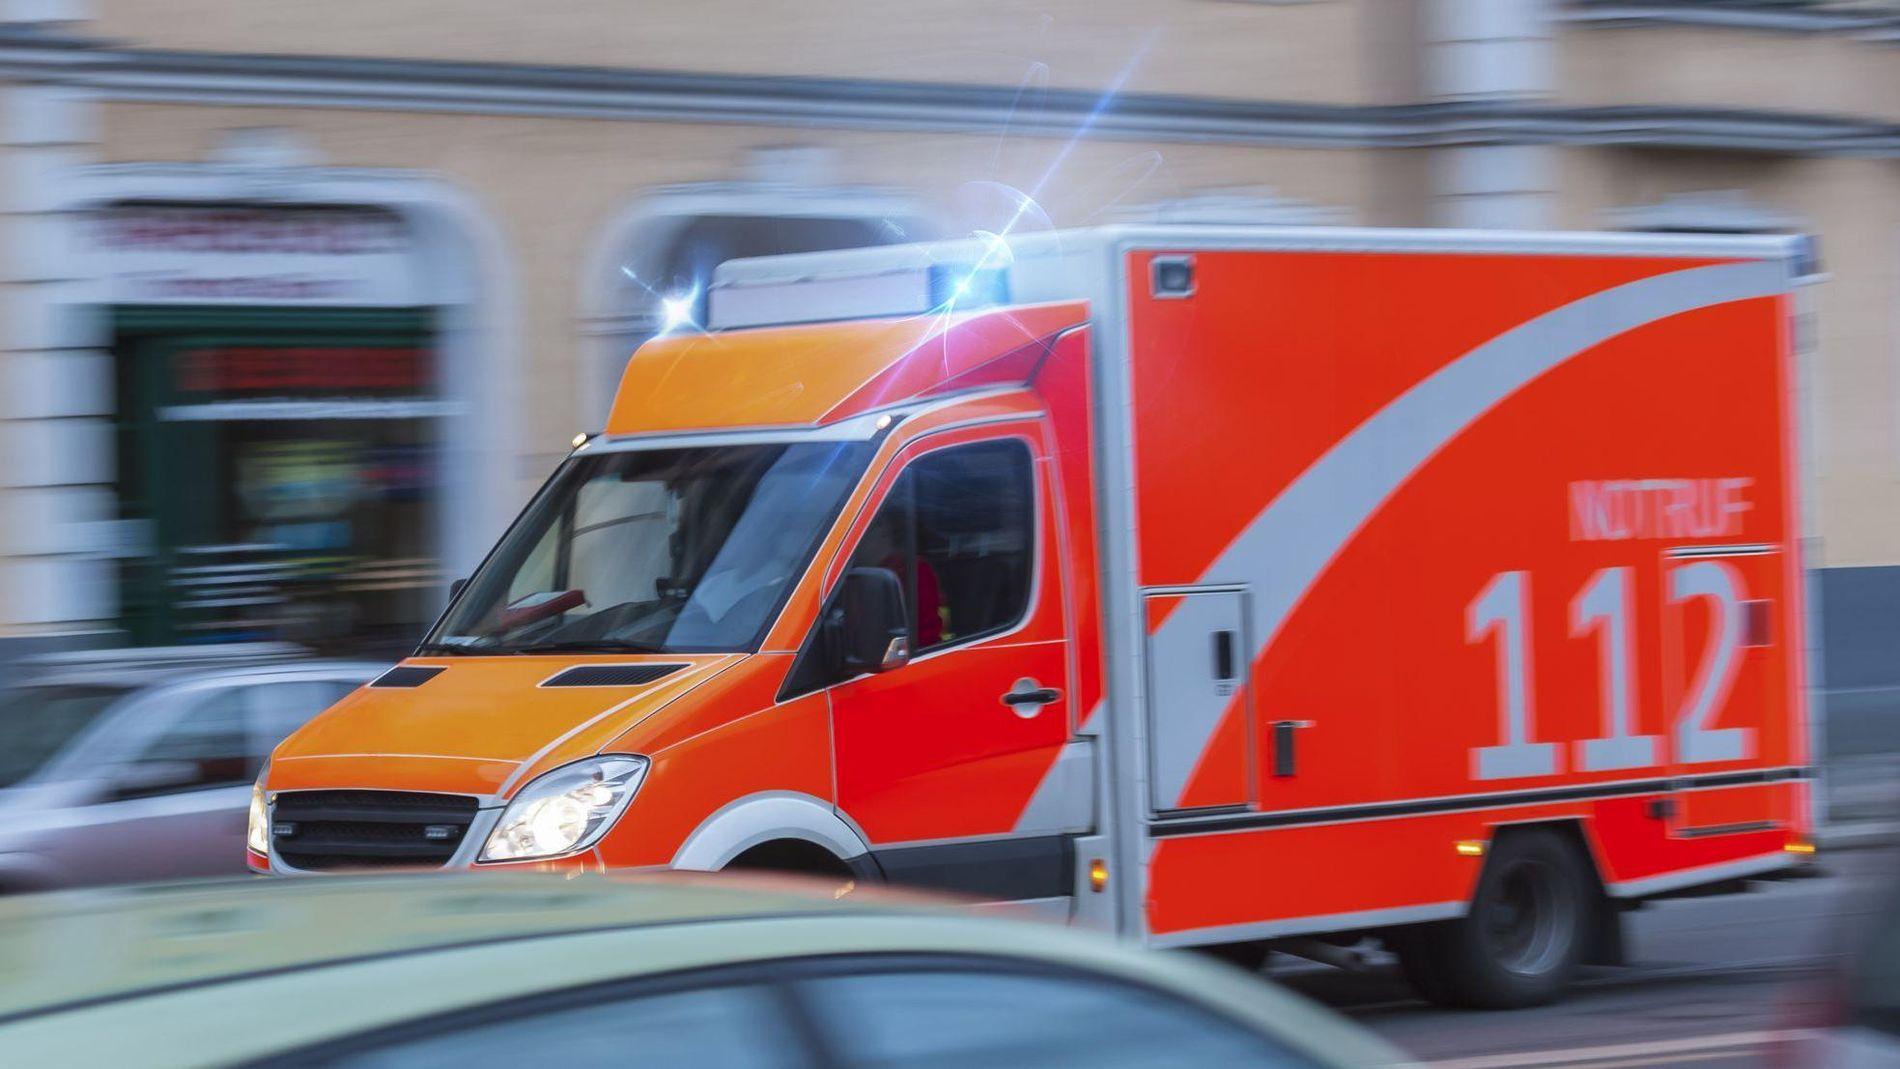 Welche Nummer Für Krankenwagen